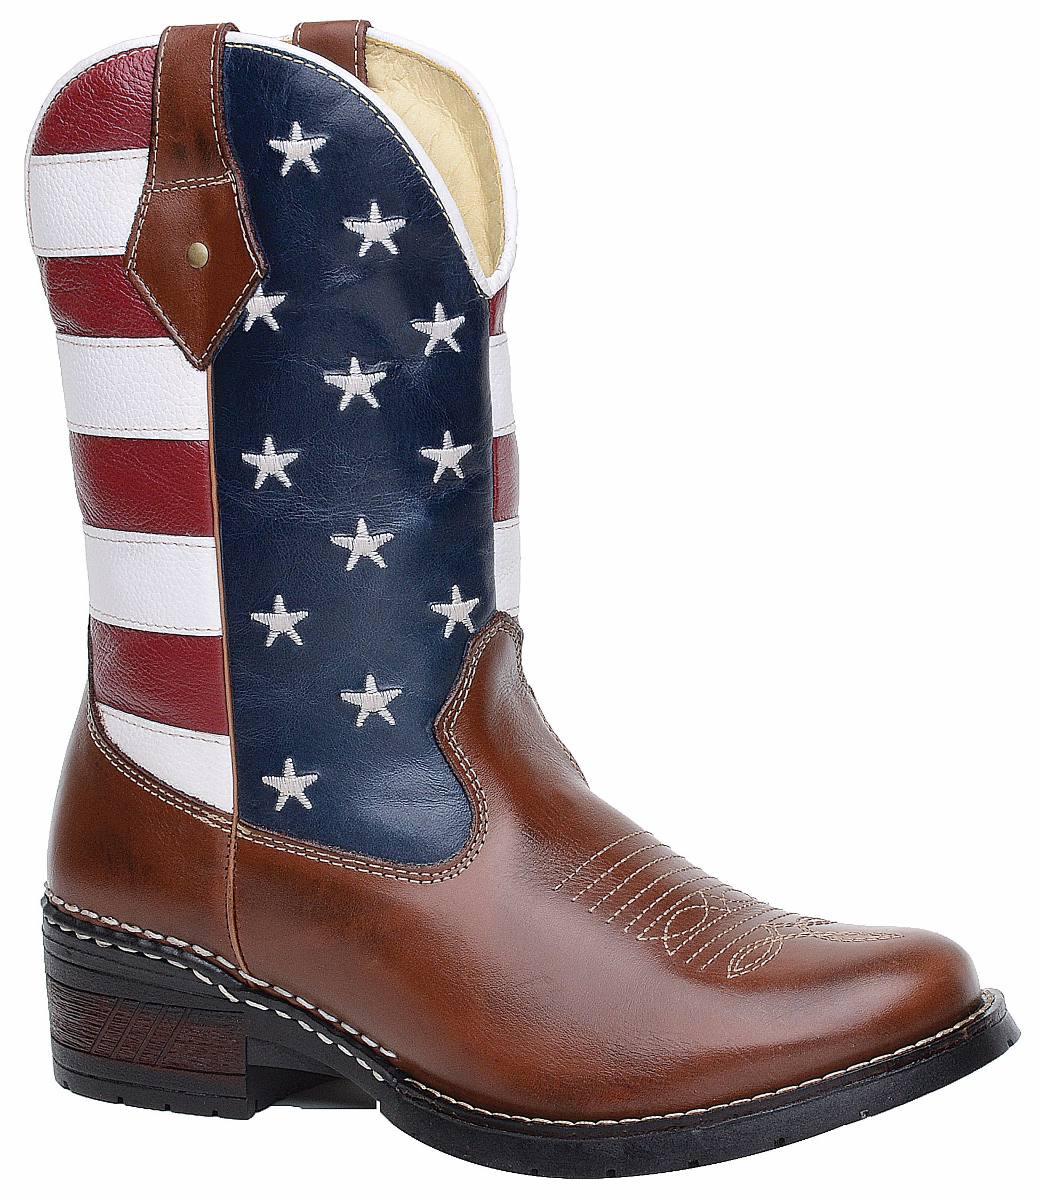 f13c031ad55 bota botina texana americana eua masculina 100% couro. Carregando zoom.